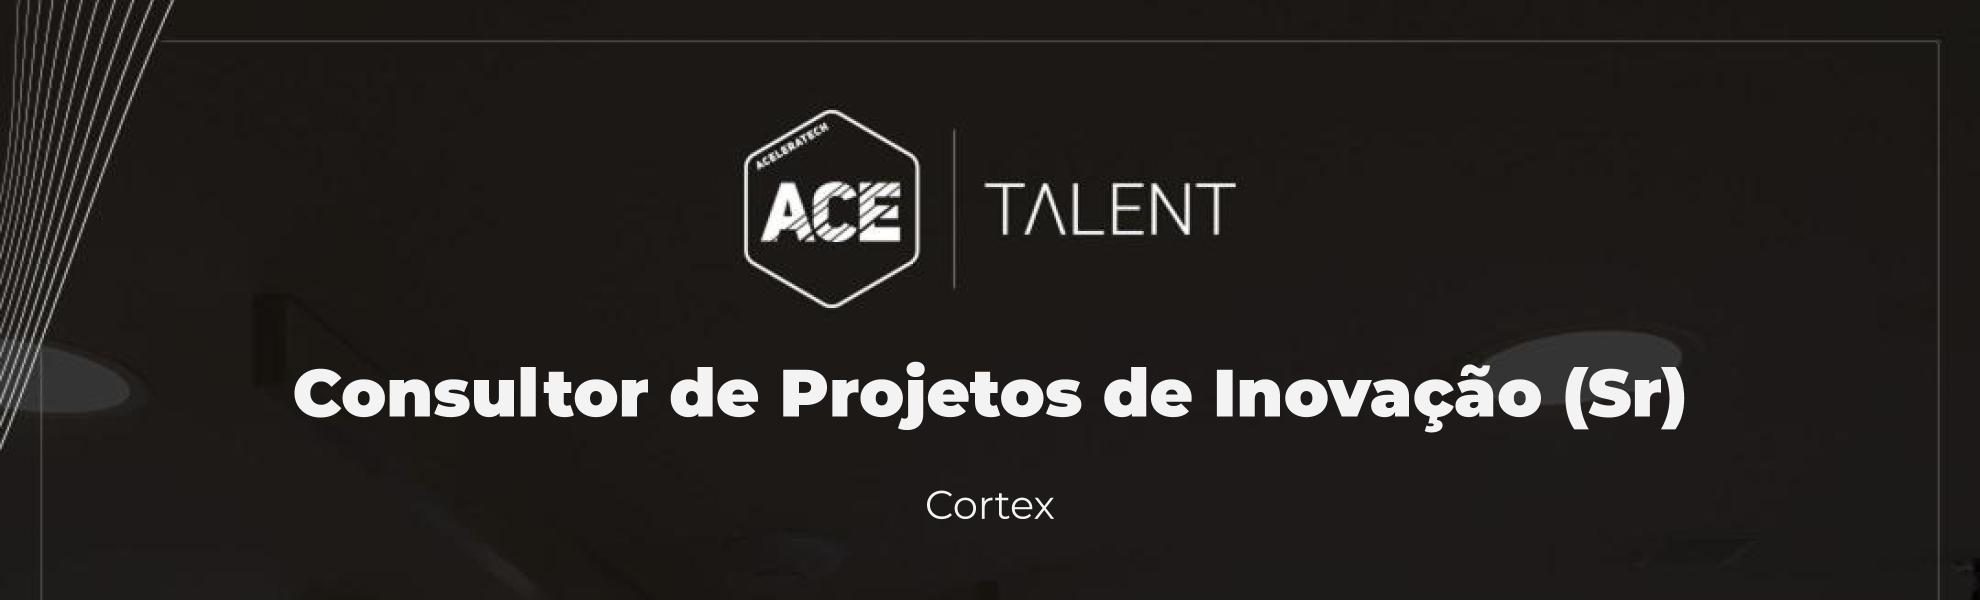 Consultor de Projetos de Inovação (Sr) - Rio de Janeiro